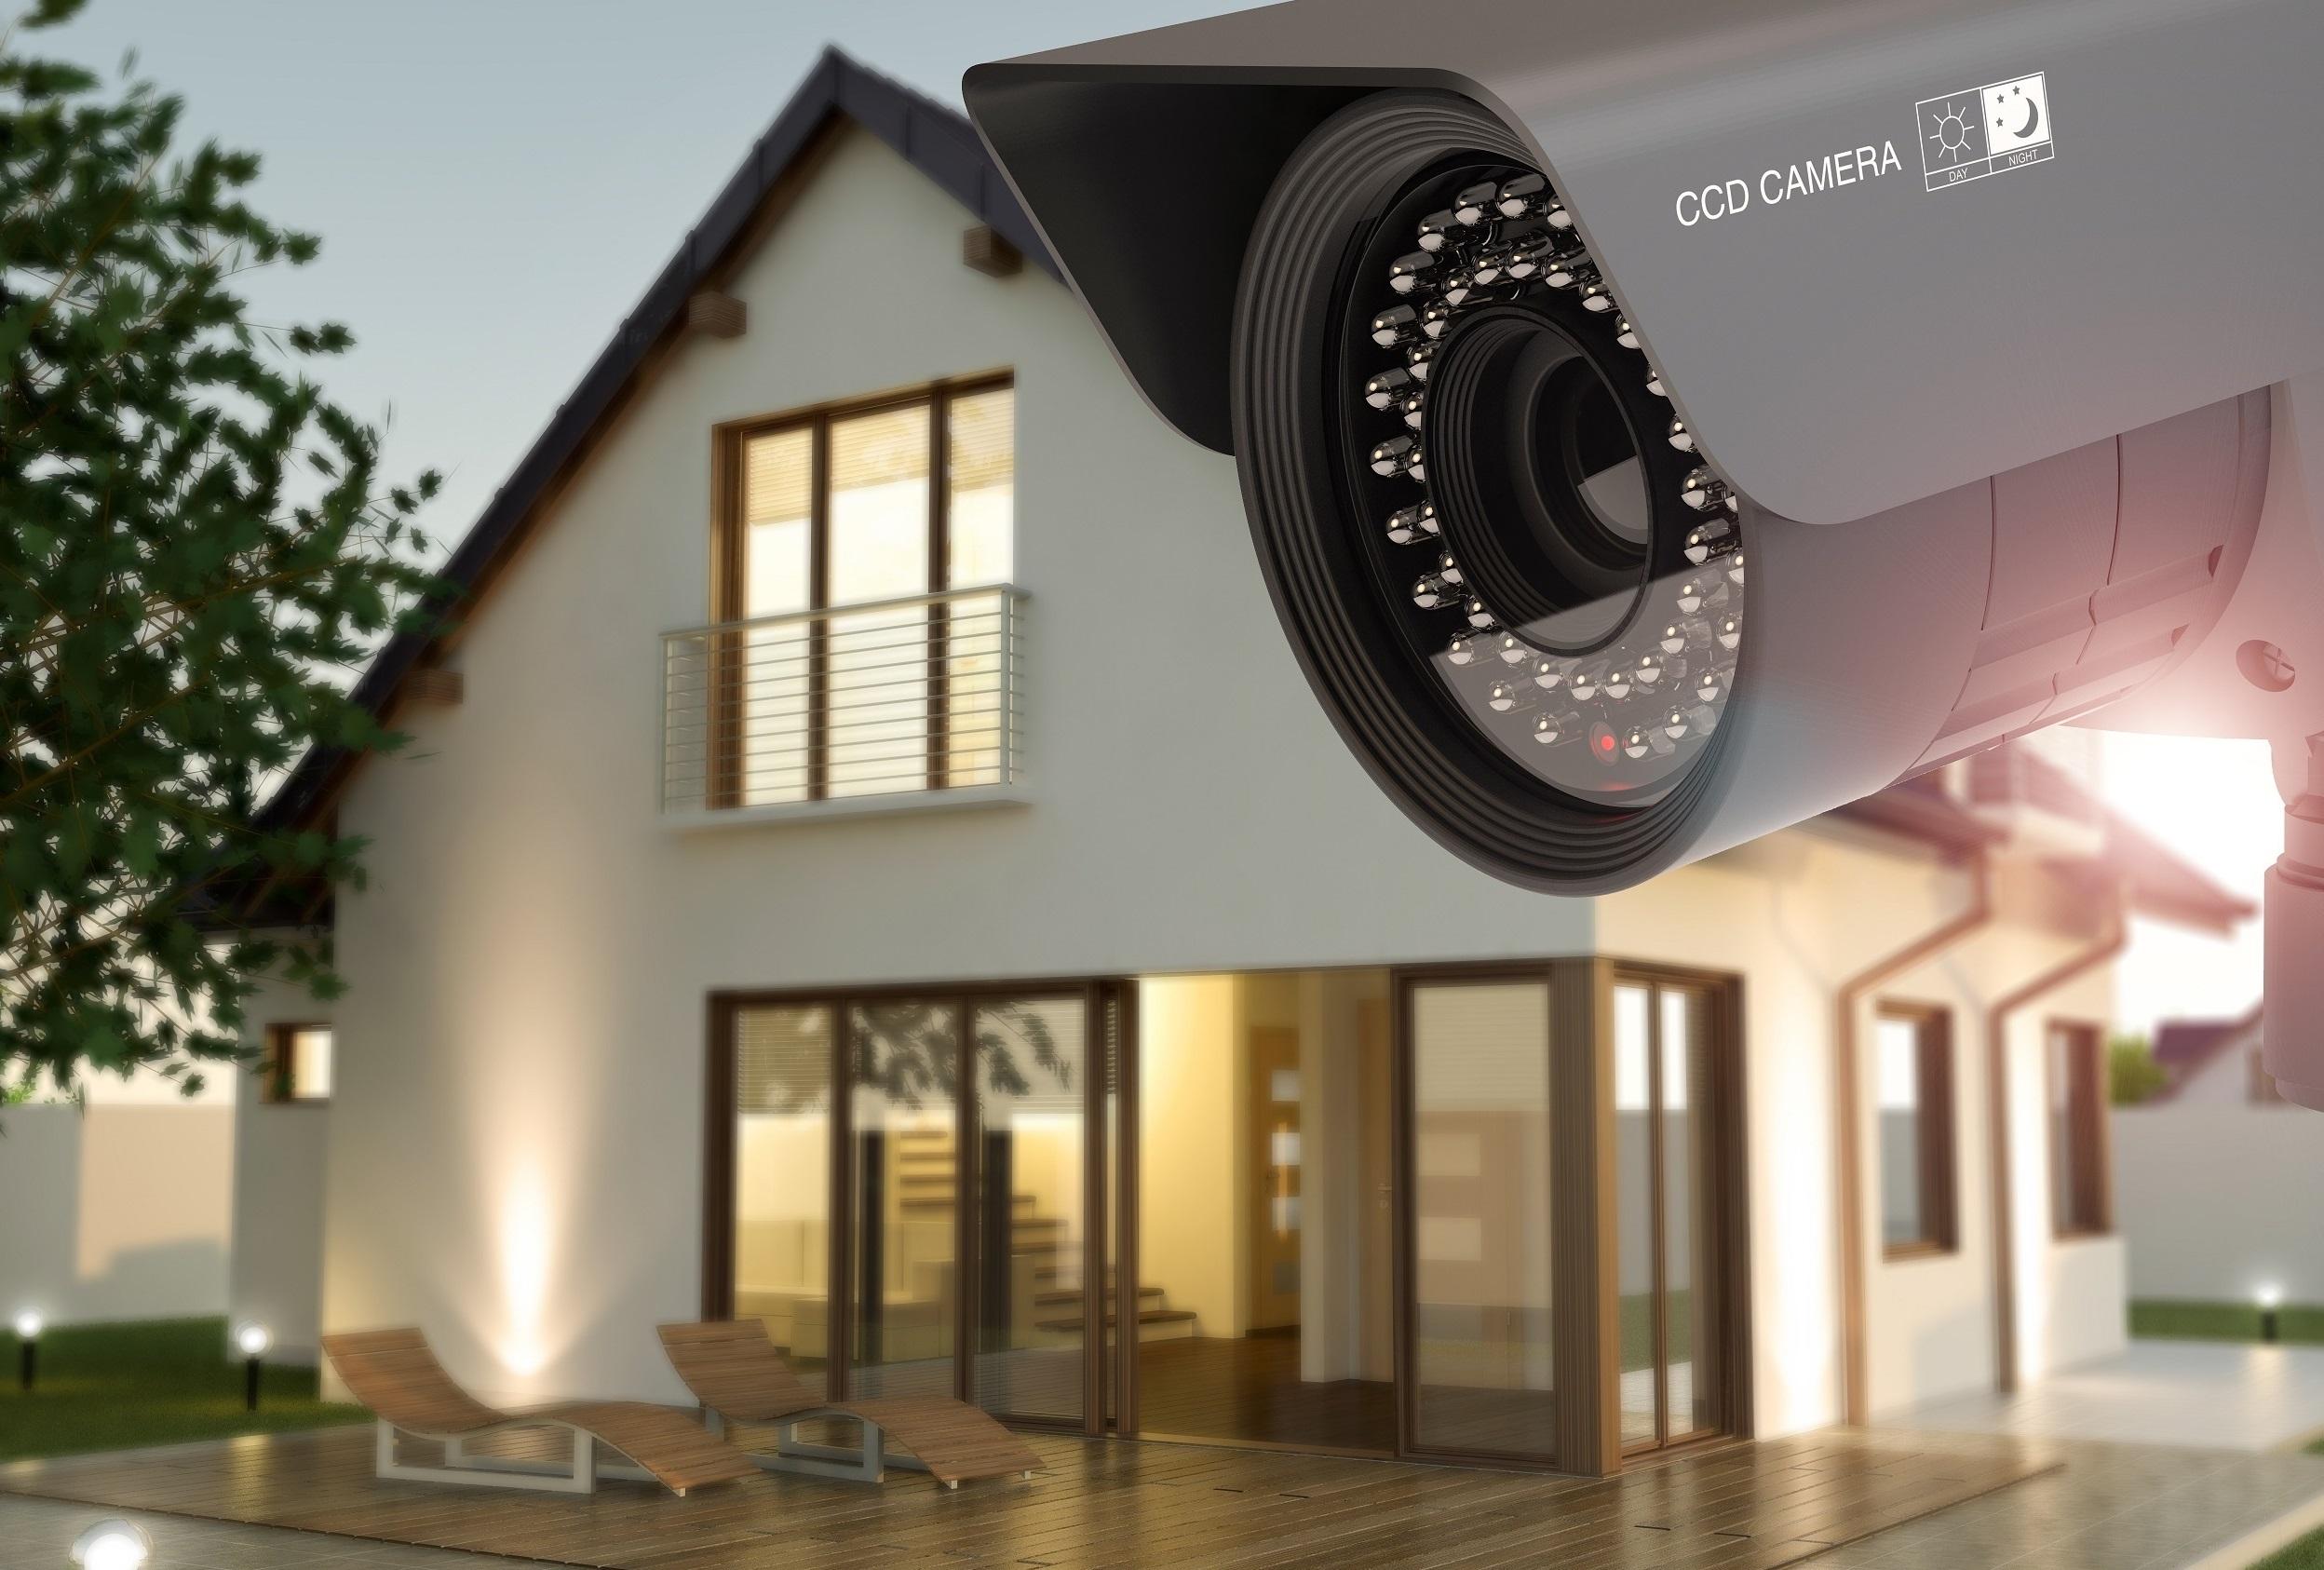 Proč si Češi k zabezpečení domu vybírají chytré zámky a mluvící kamery?